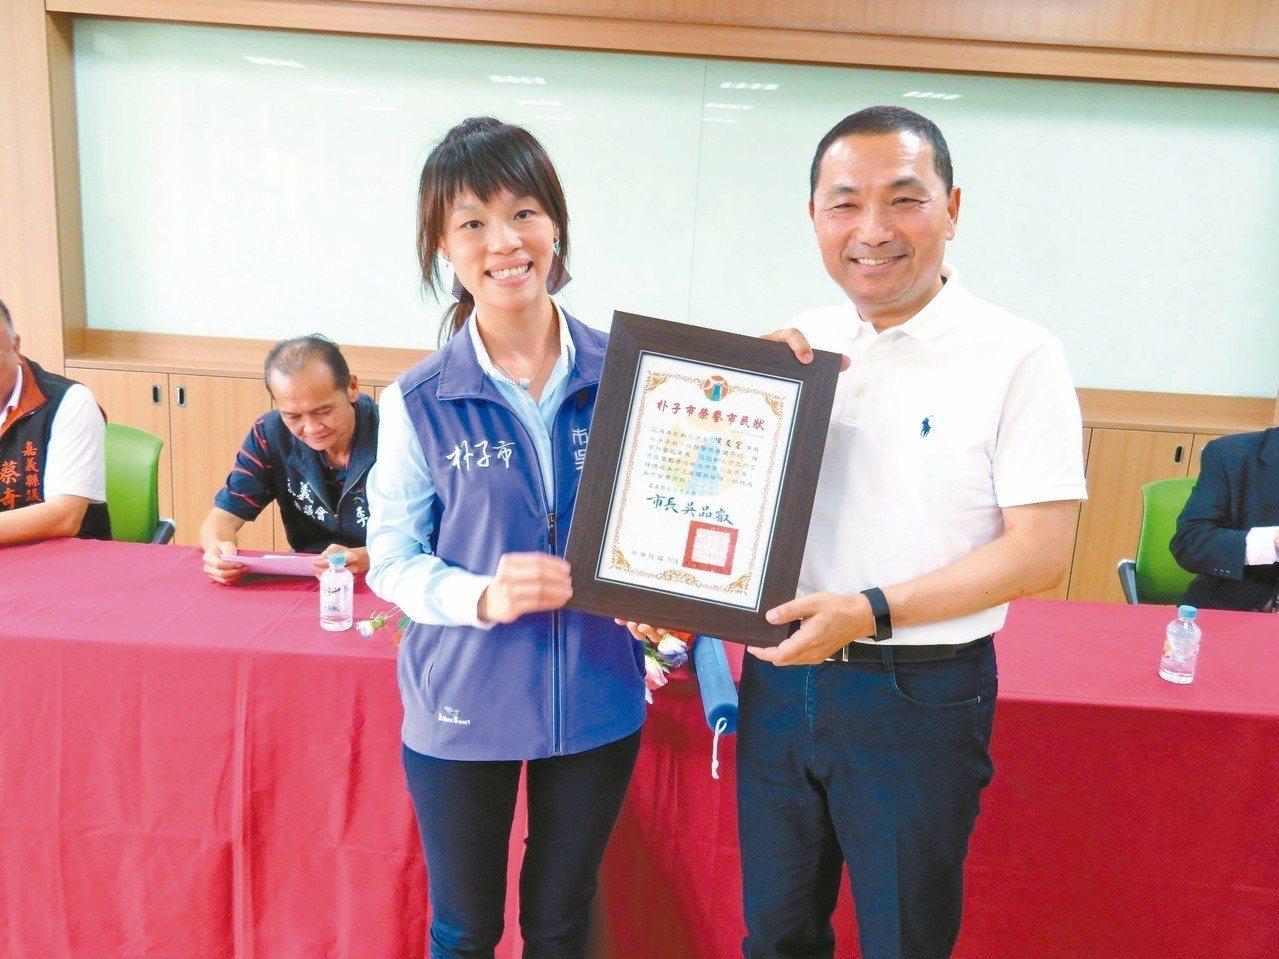 朴子市長吳品叡(左)送榮譽市民狀給新北市長侯友宜(右)。 記者魯永明/攝影